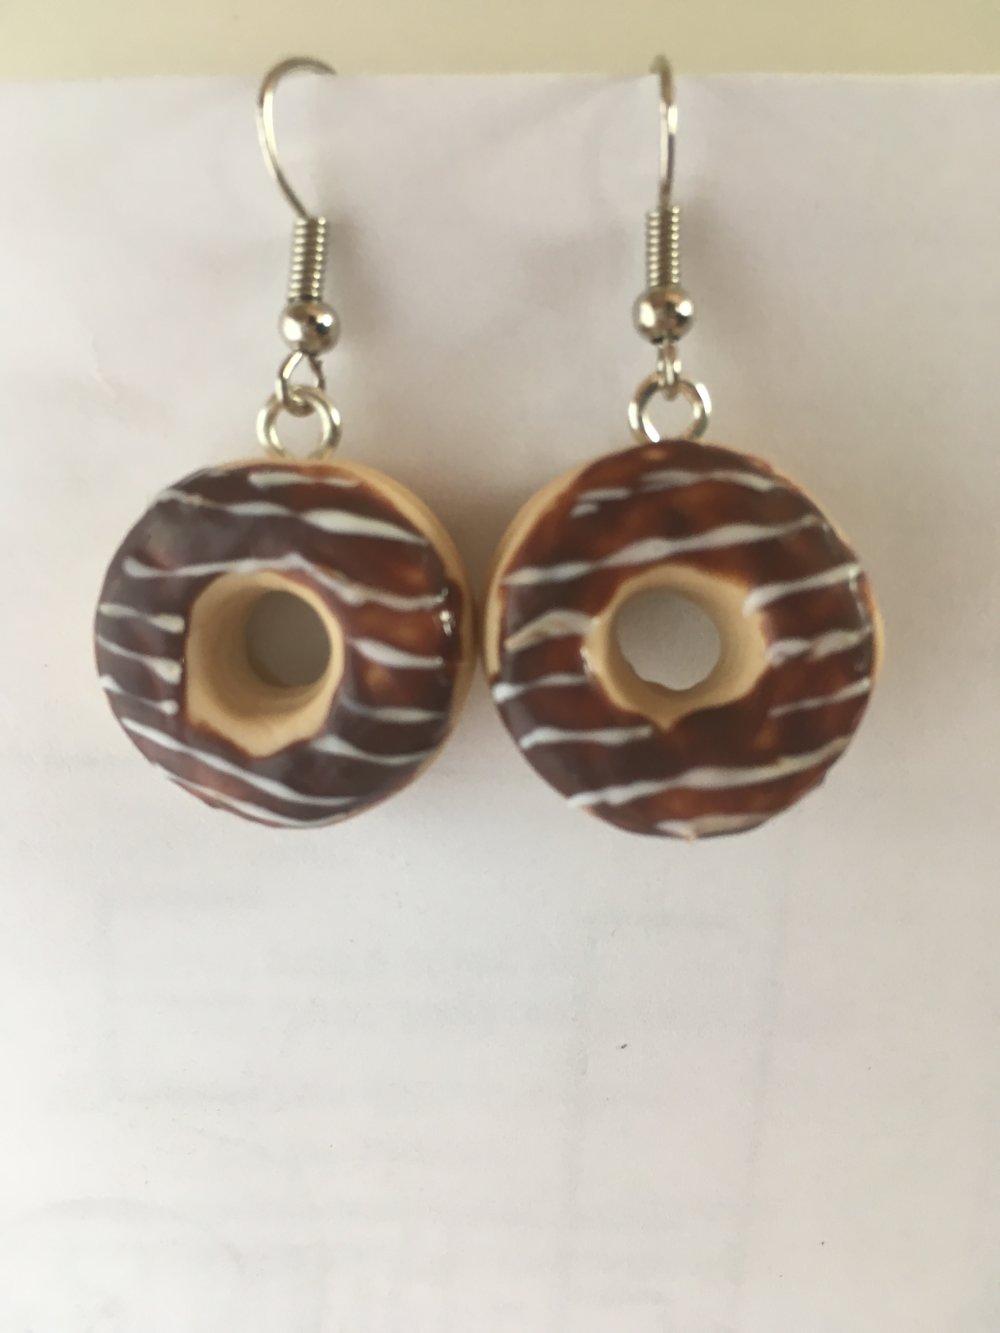 Boucles d'oreilles pendantes - Donut au chocolat en pâte polymère